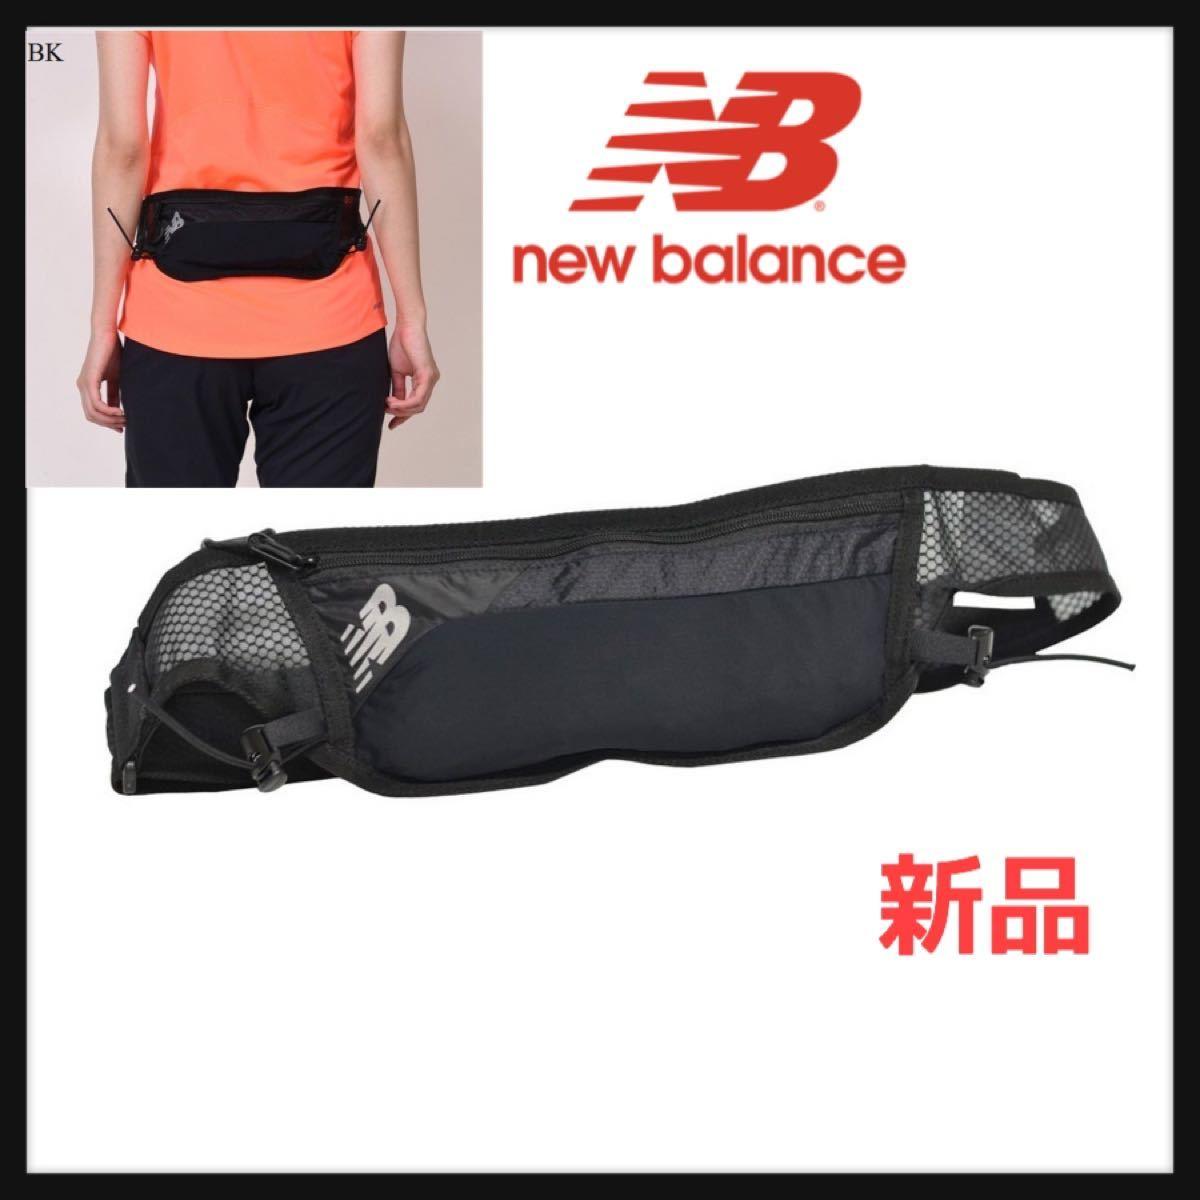 【新品】new balance ニューバランス★ランニングウエストポーチ 黒